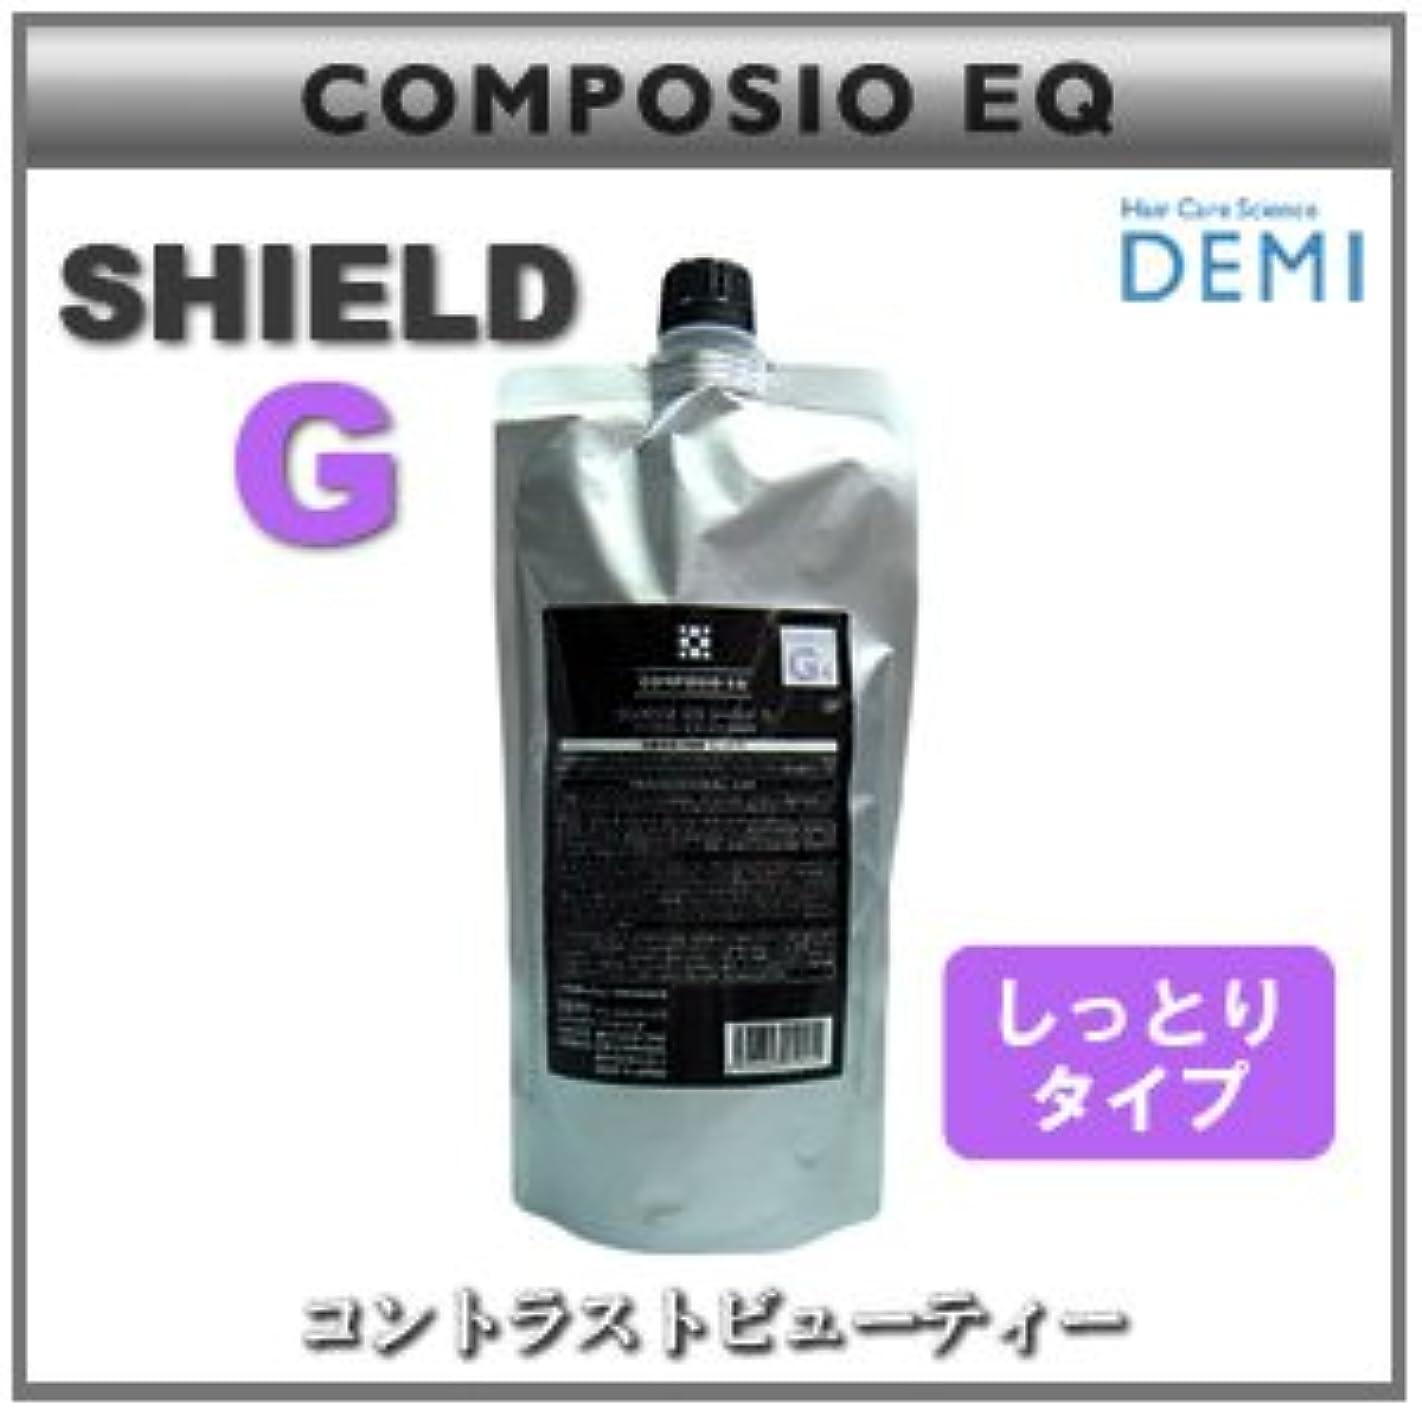 取るに足らない歌う側面【X4個セット】 デミ コンポジオ EQ シールド G 450g